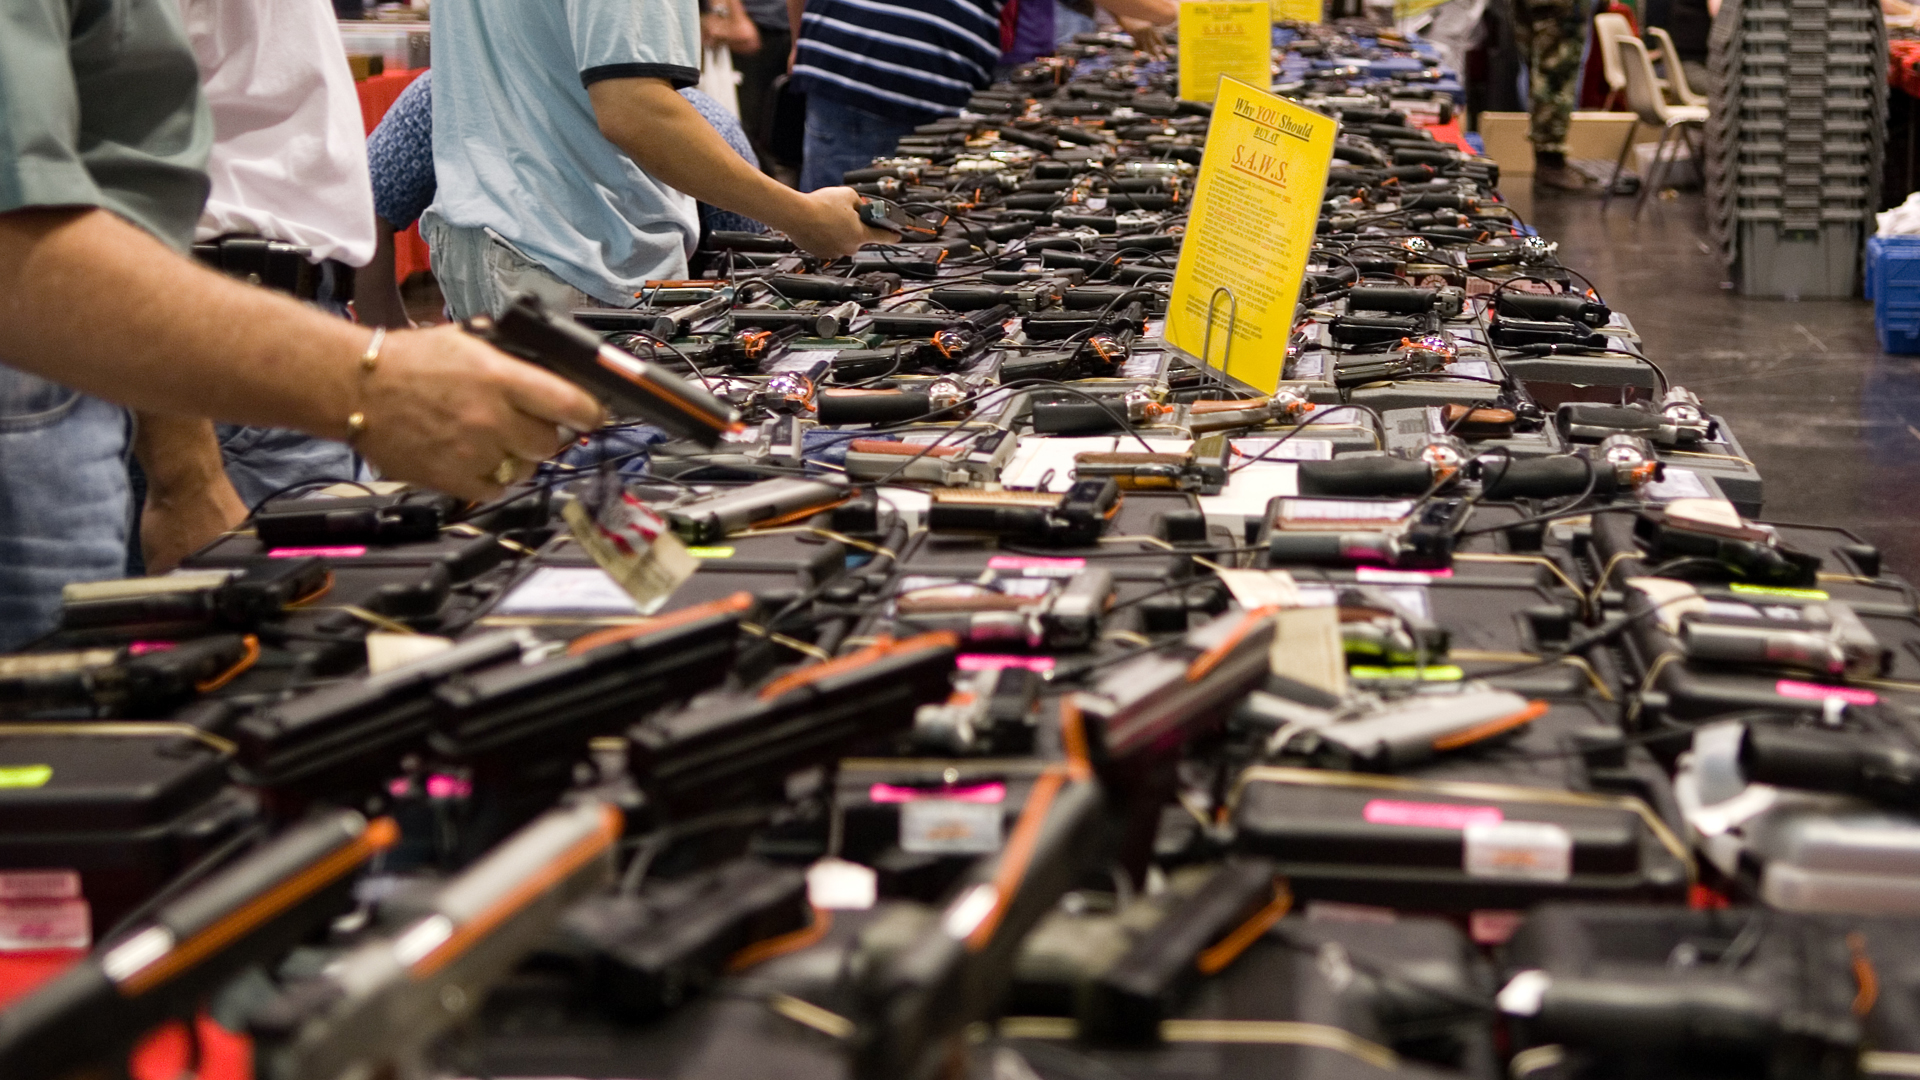 """Eine Waffenmesse in Texas. Eine Studie hat ergeben, dass die Schießeisen für """"christliche Nationalisten"""" identitätsstiftend sind."""